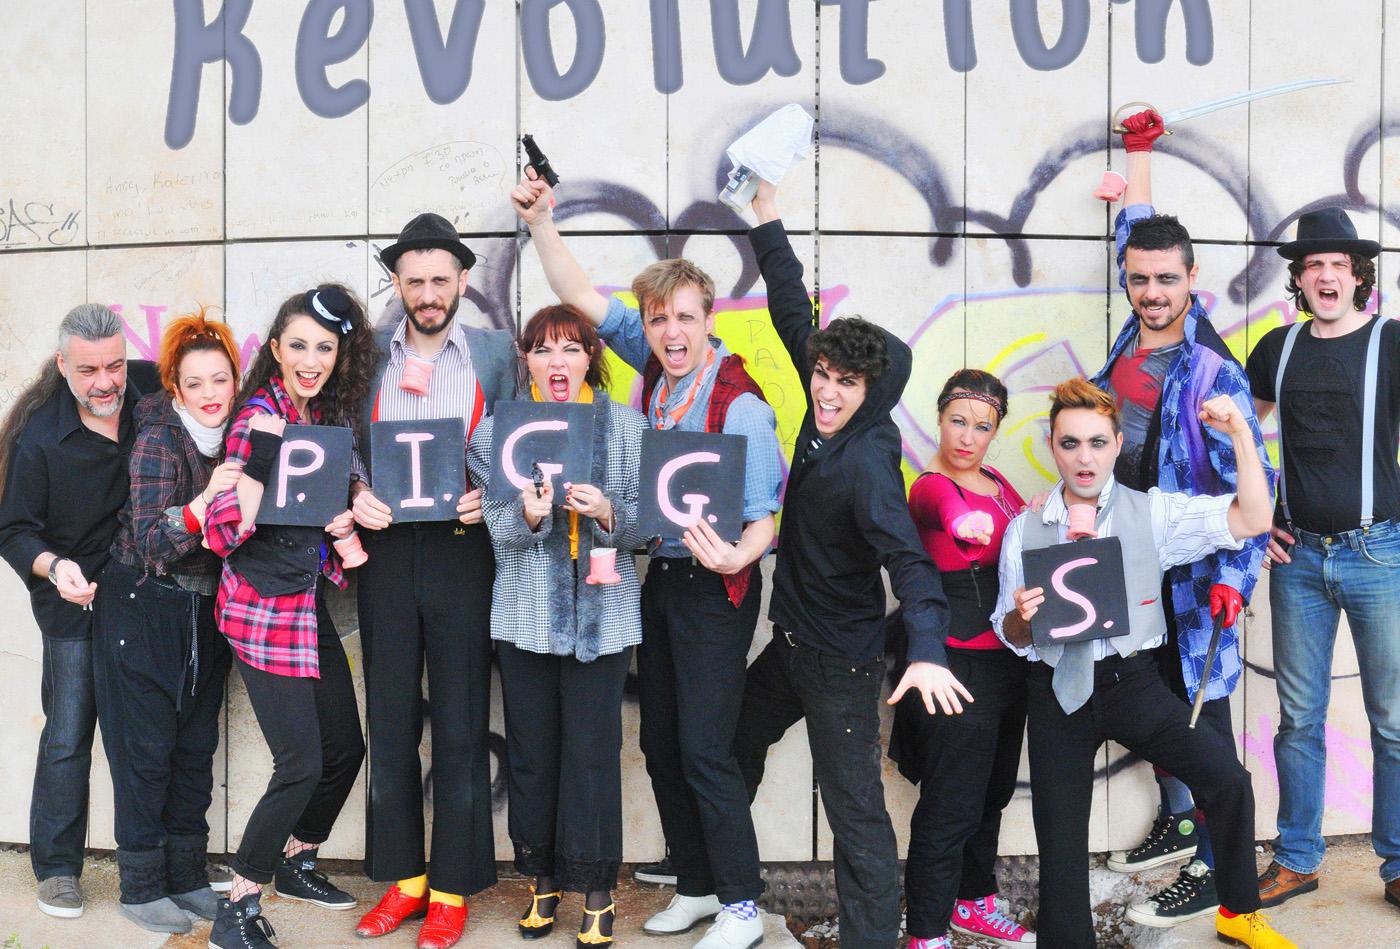 ΜΠΑΝΤΑ-ρισμένοι: P.I.G.S. Revolution